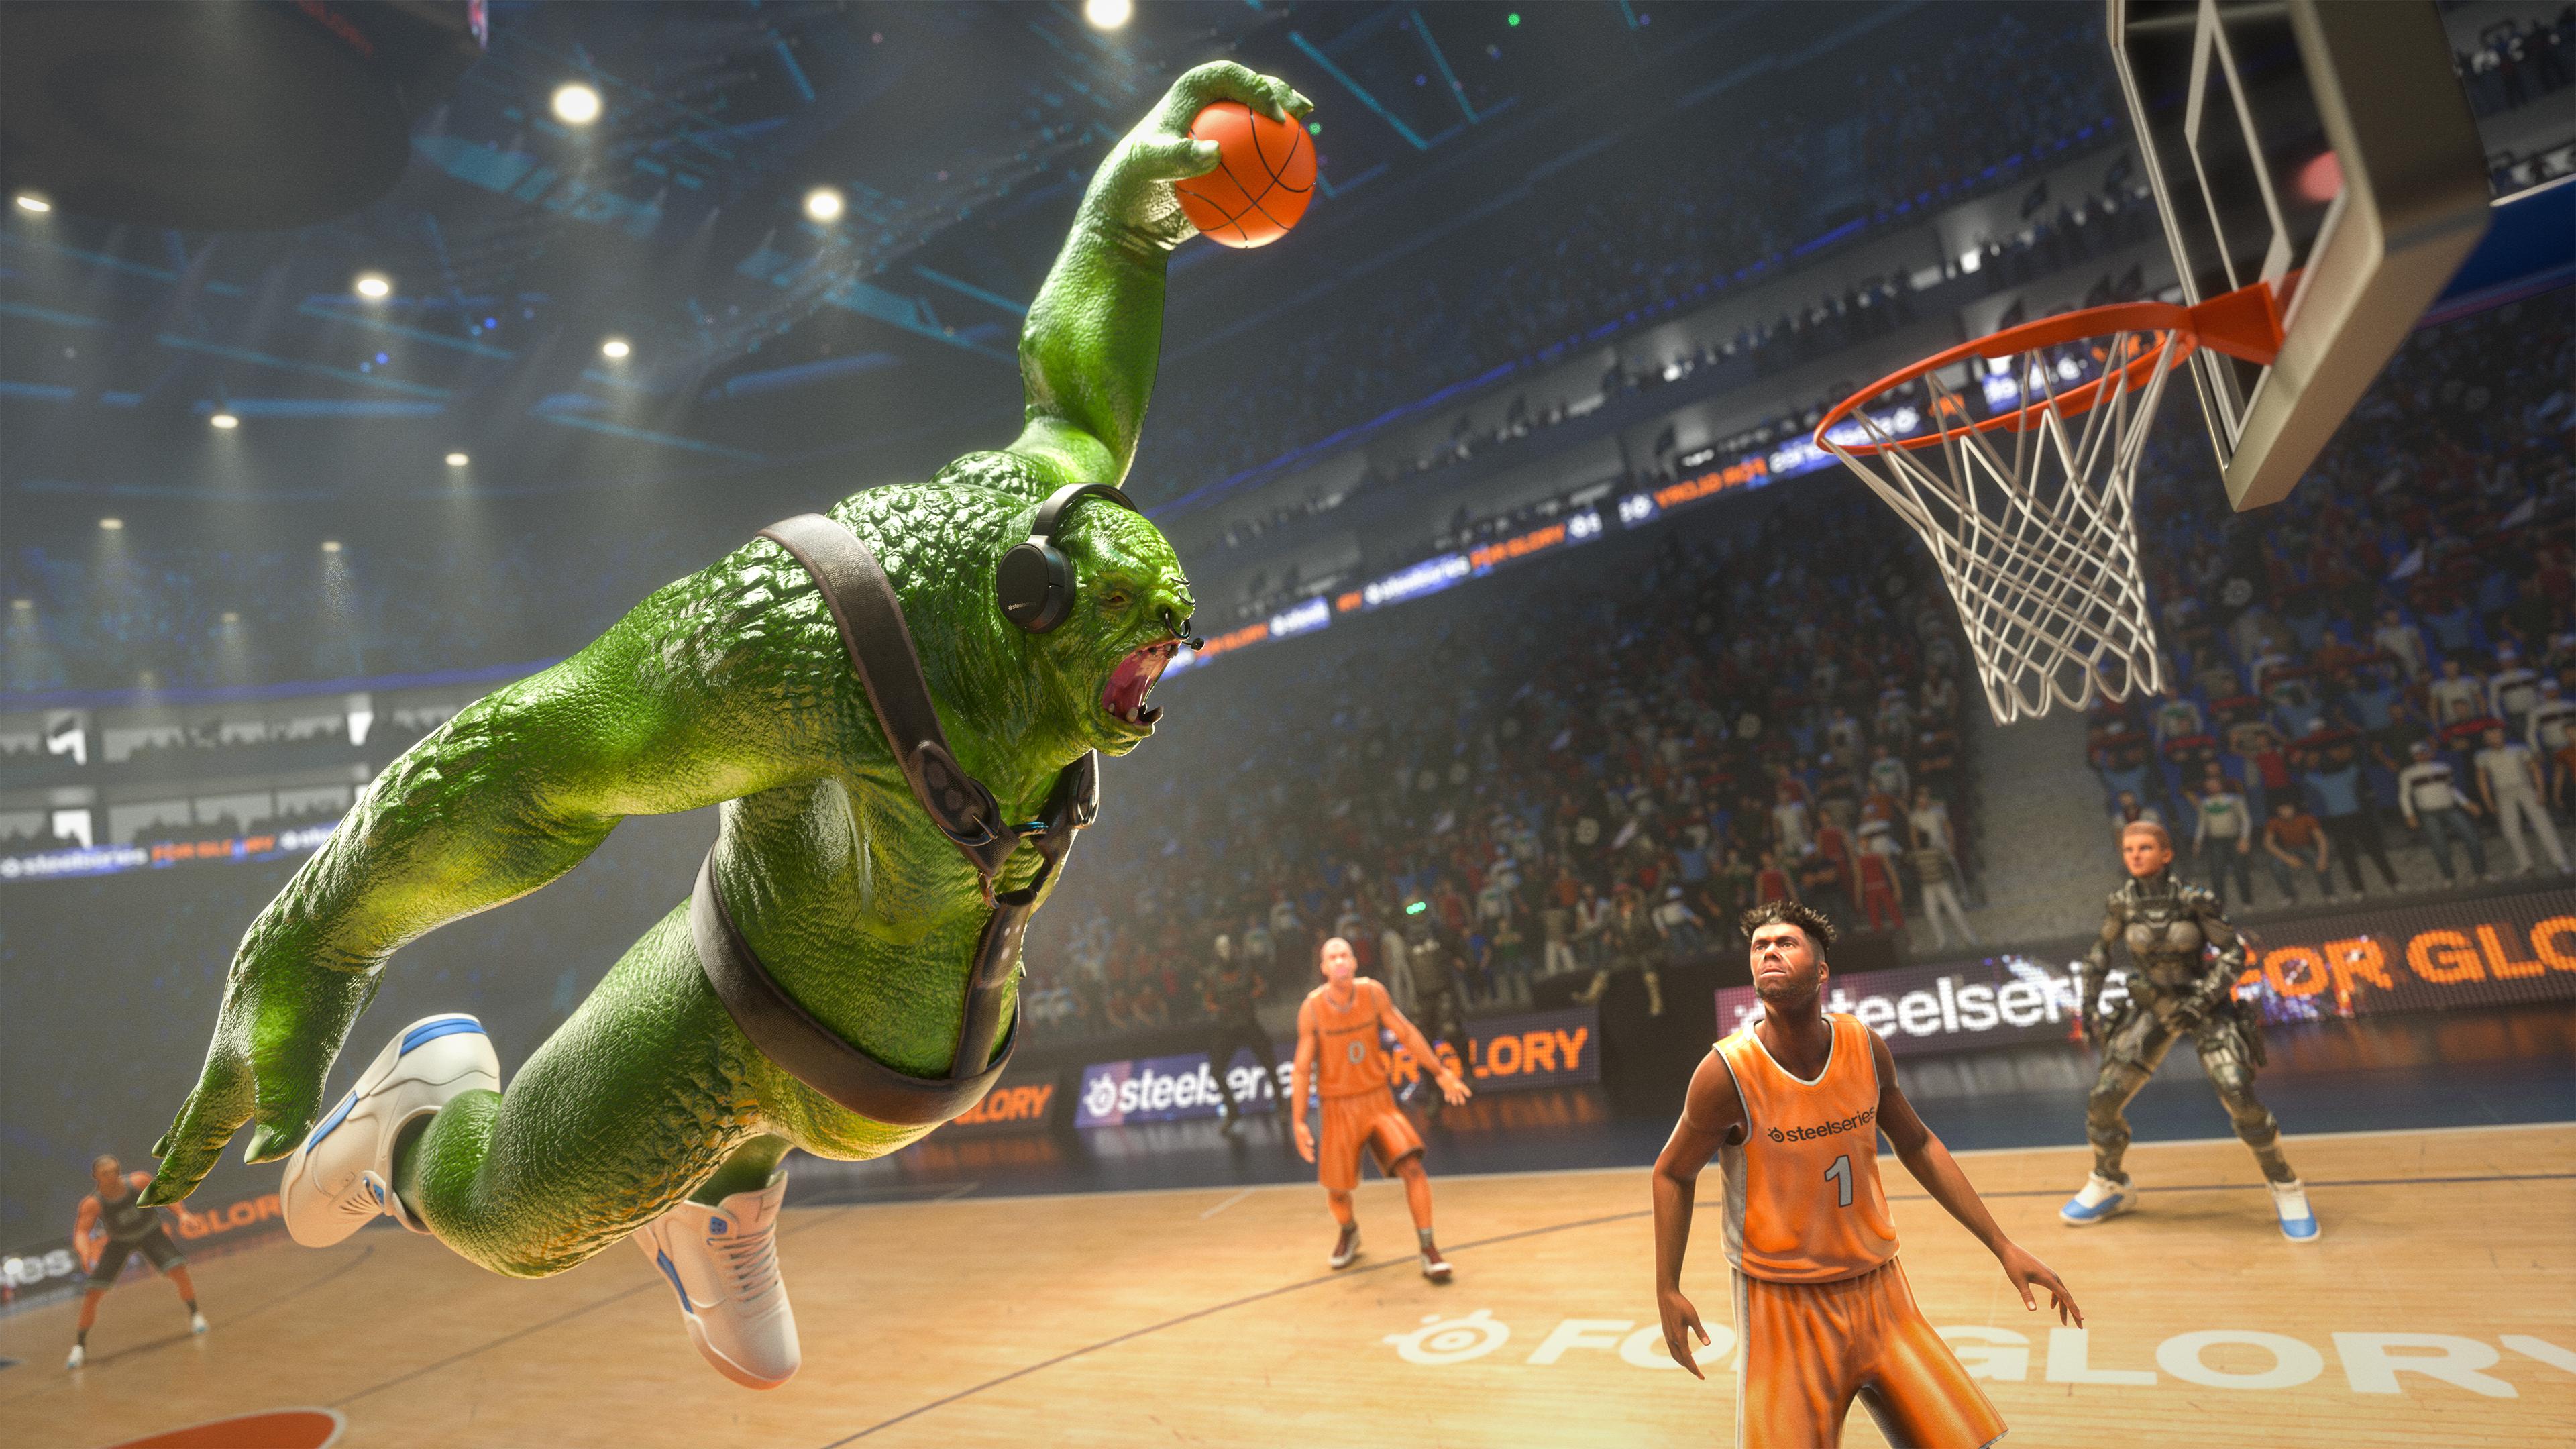 Lars playing NBA